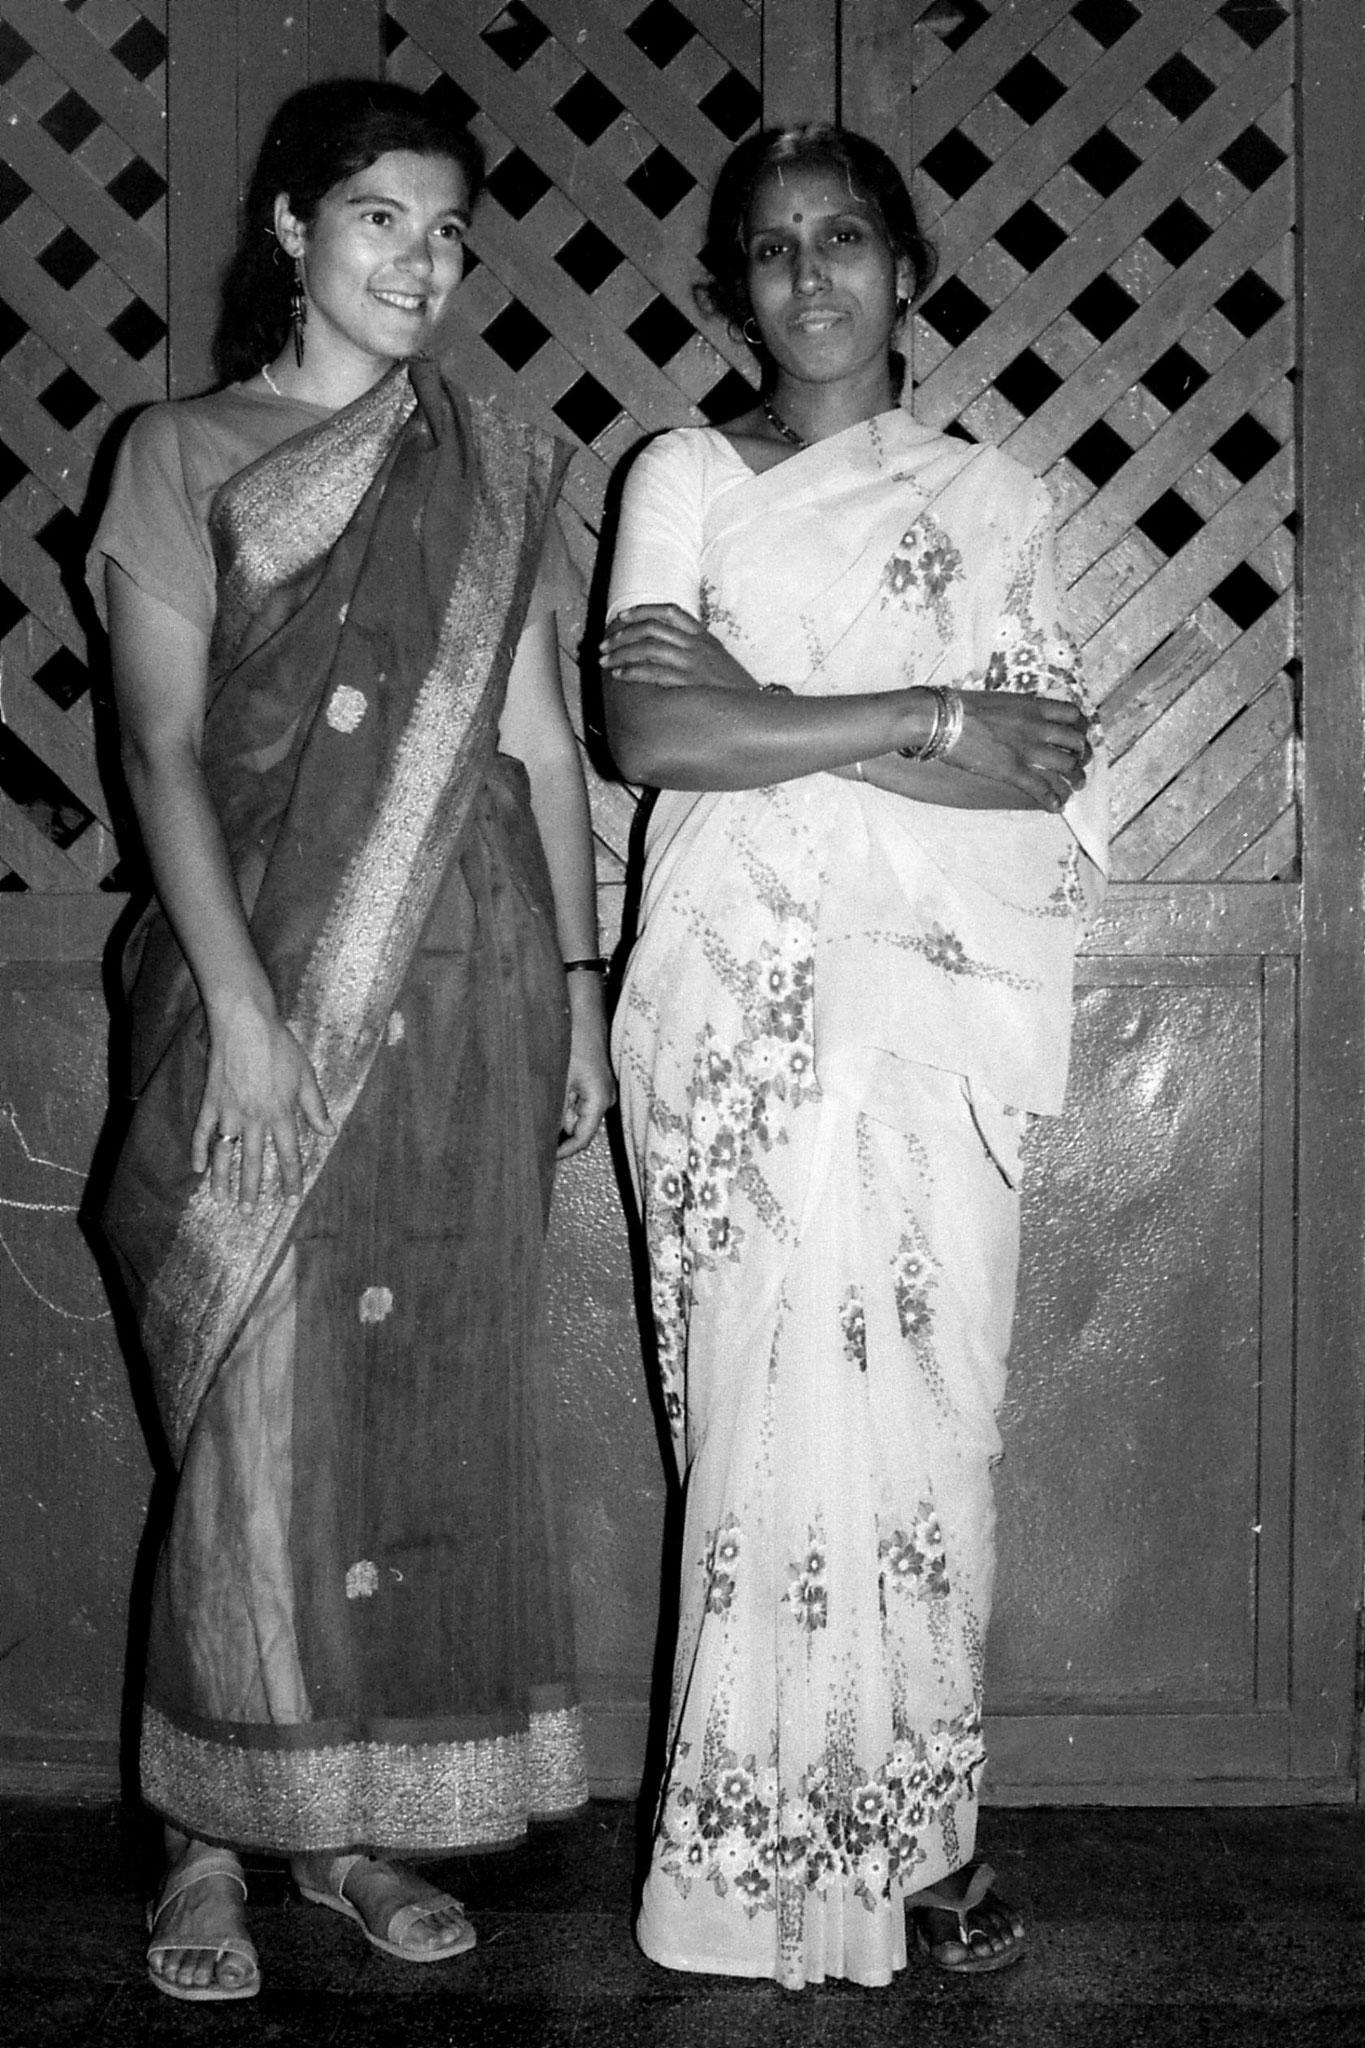 11/12/1989: 25: Chourasia family